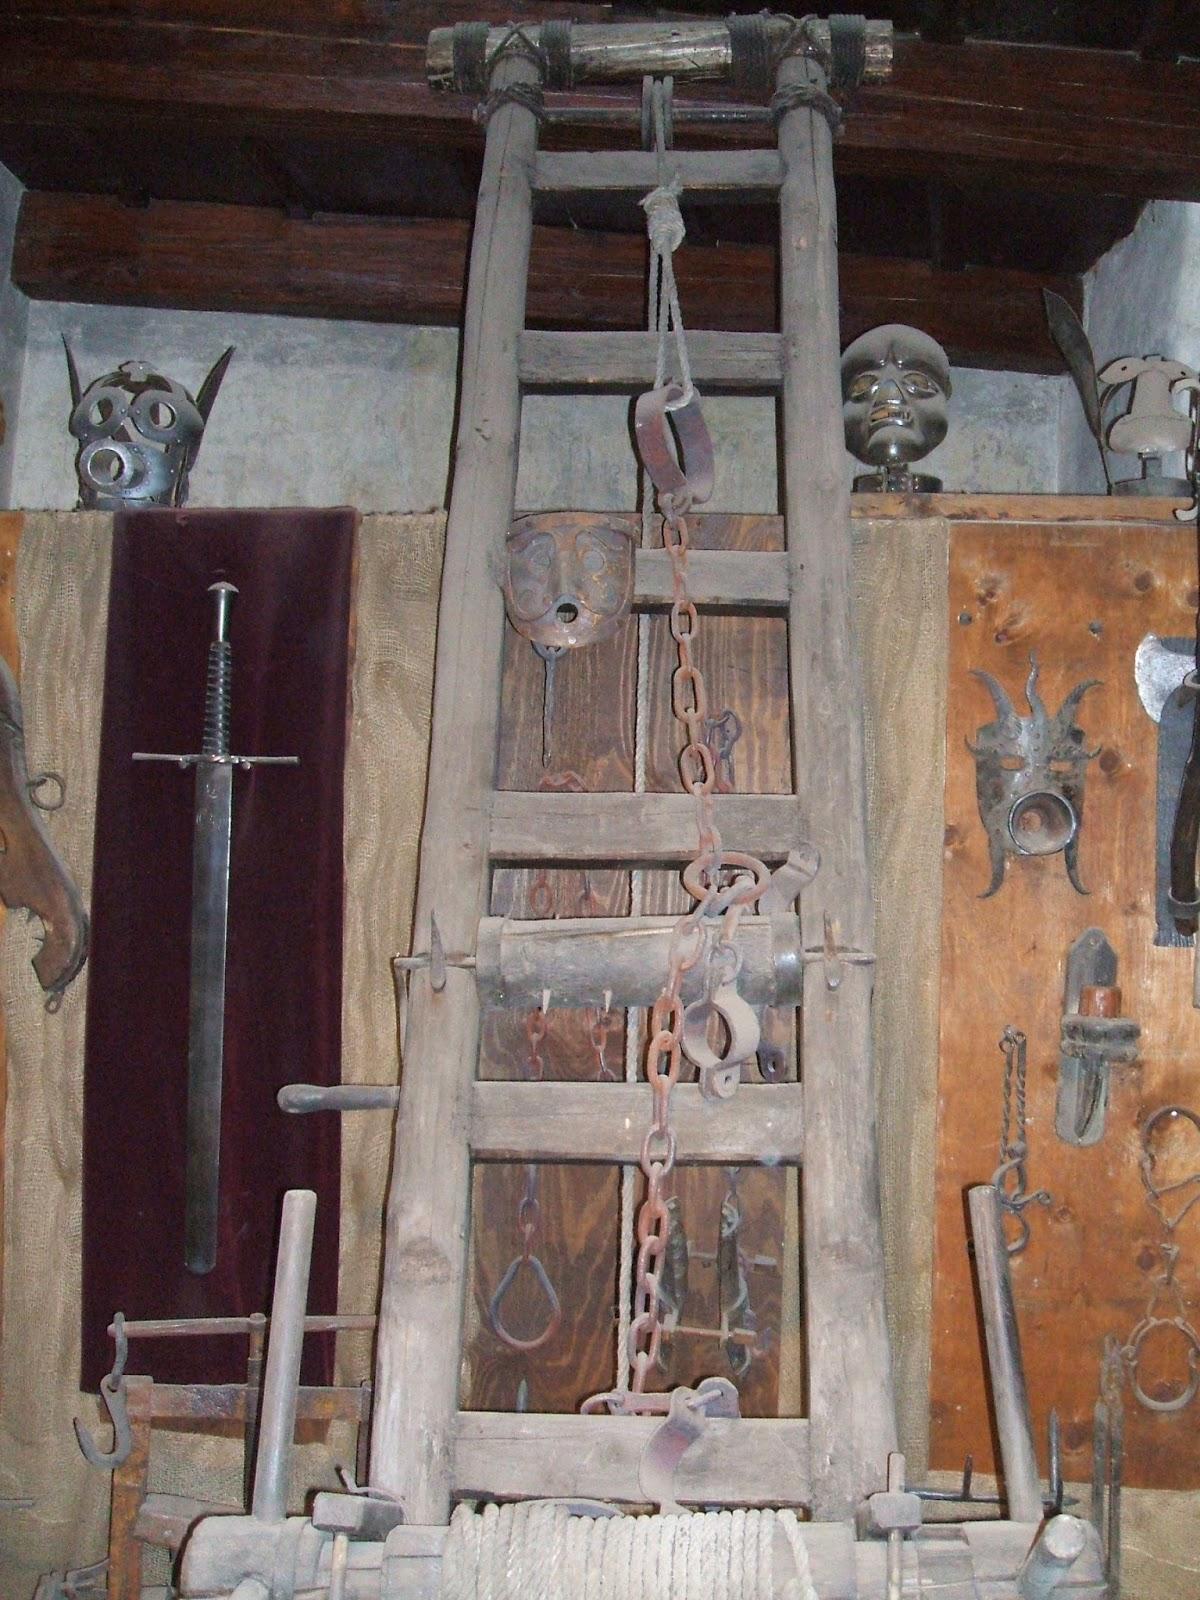 Joniandscottinprague Scott S Medieval Torture Chamber Photos